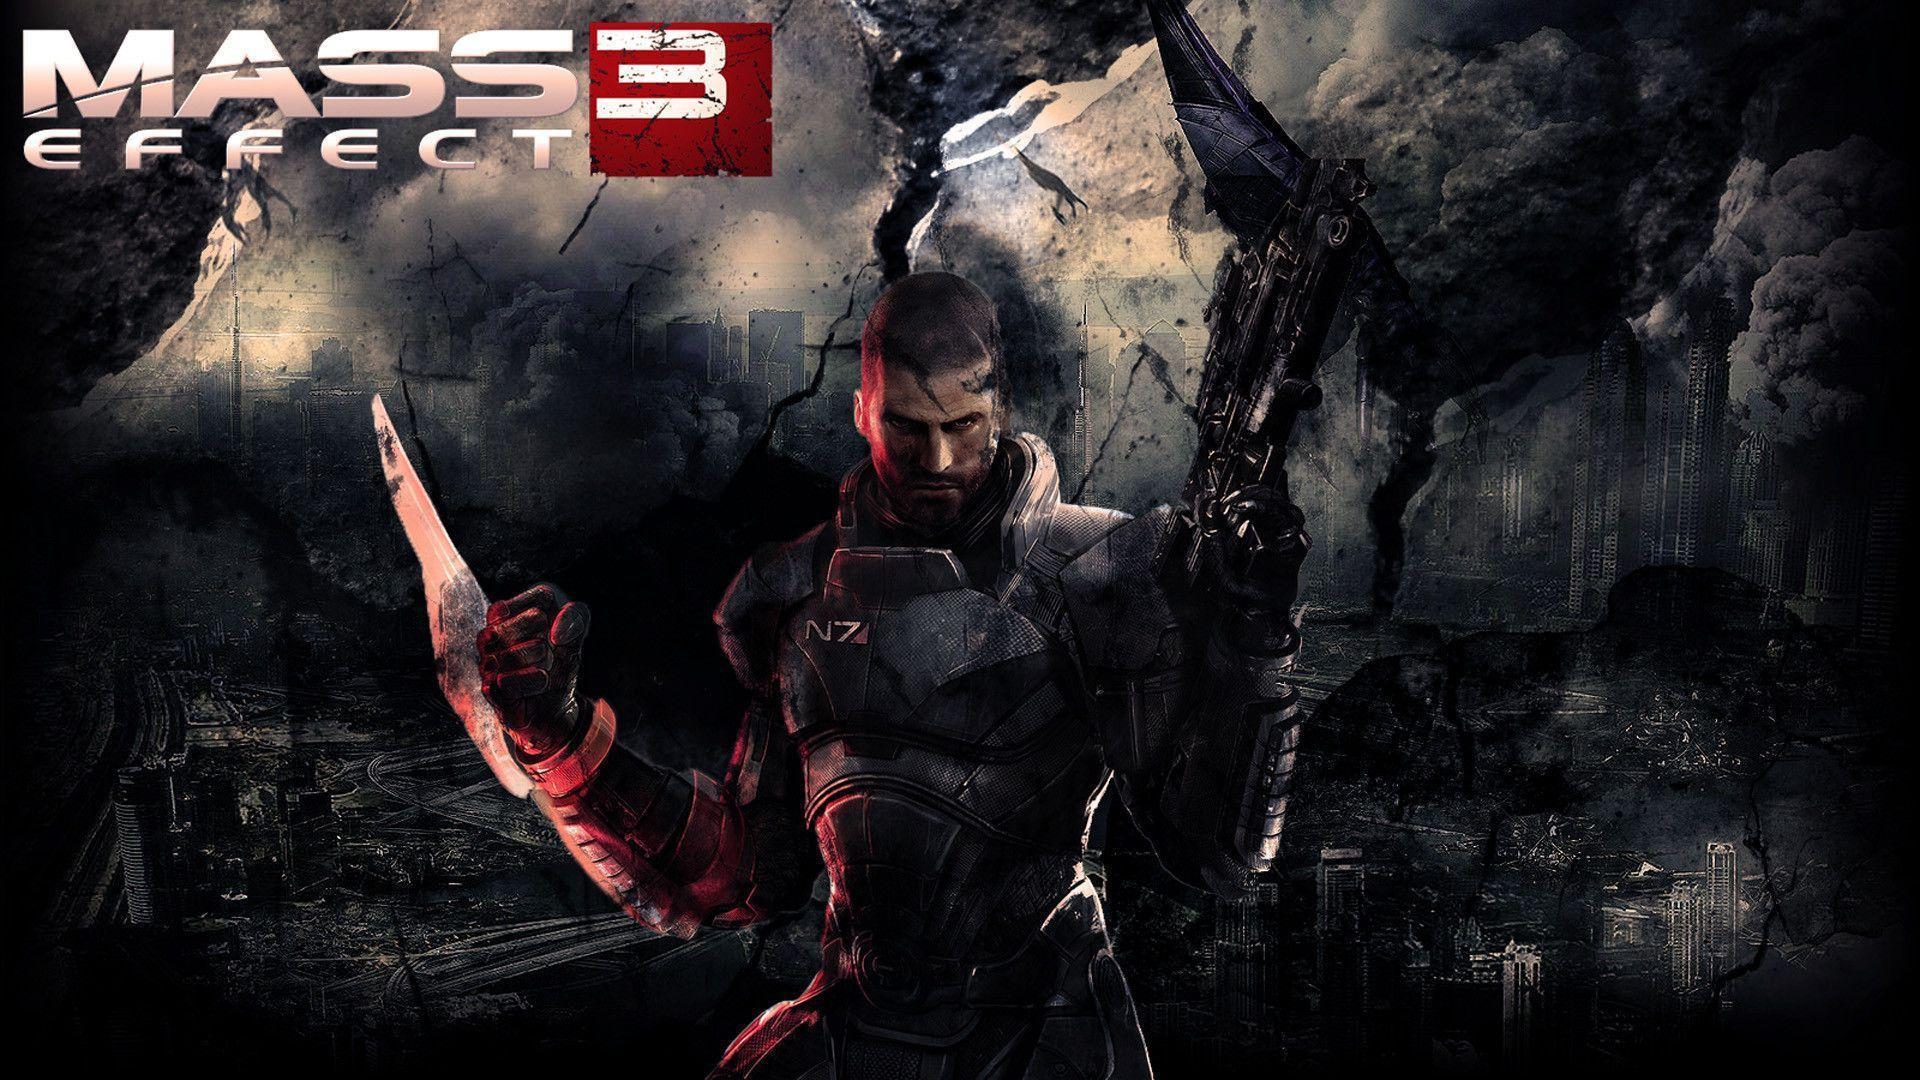 Mass Effect Wallpapers HD - Wallpaper Cave